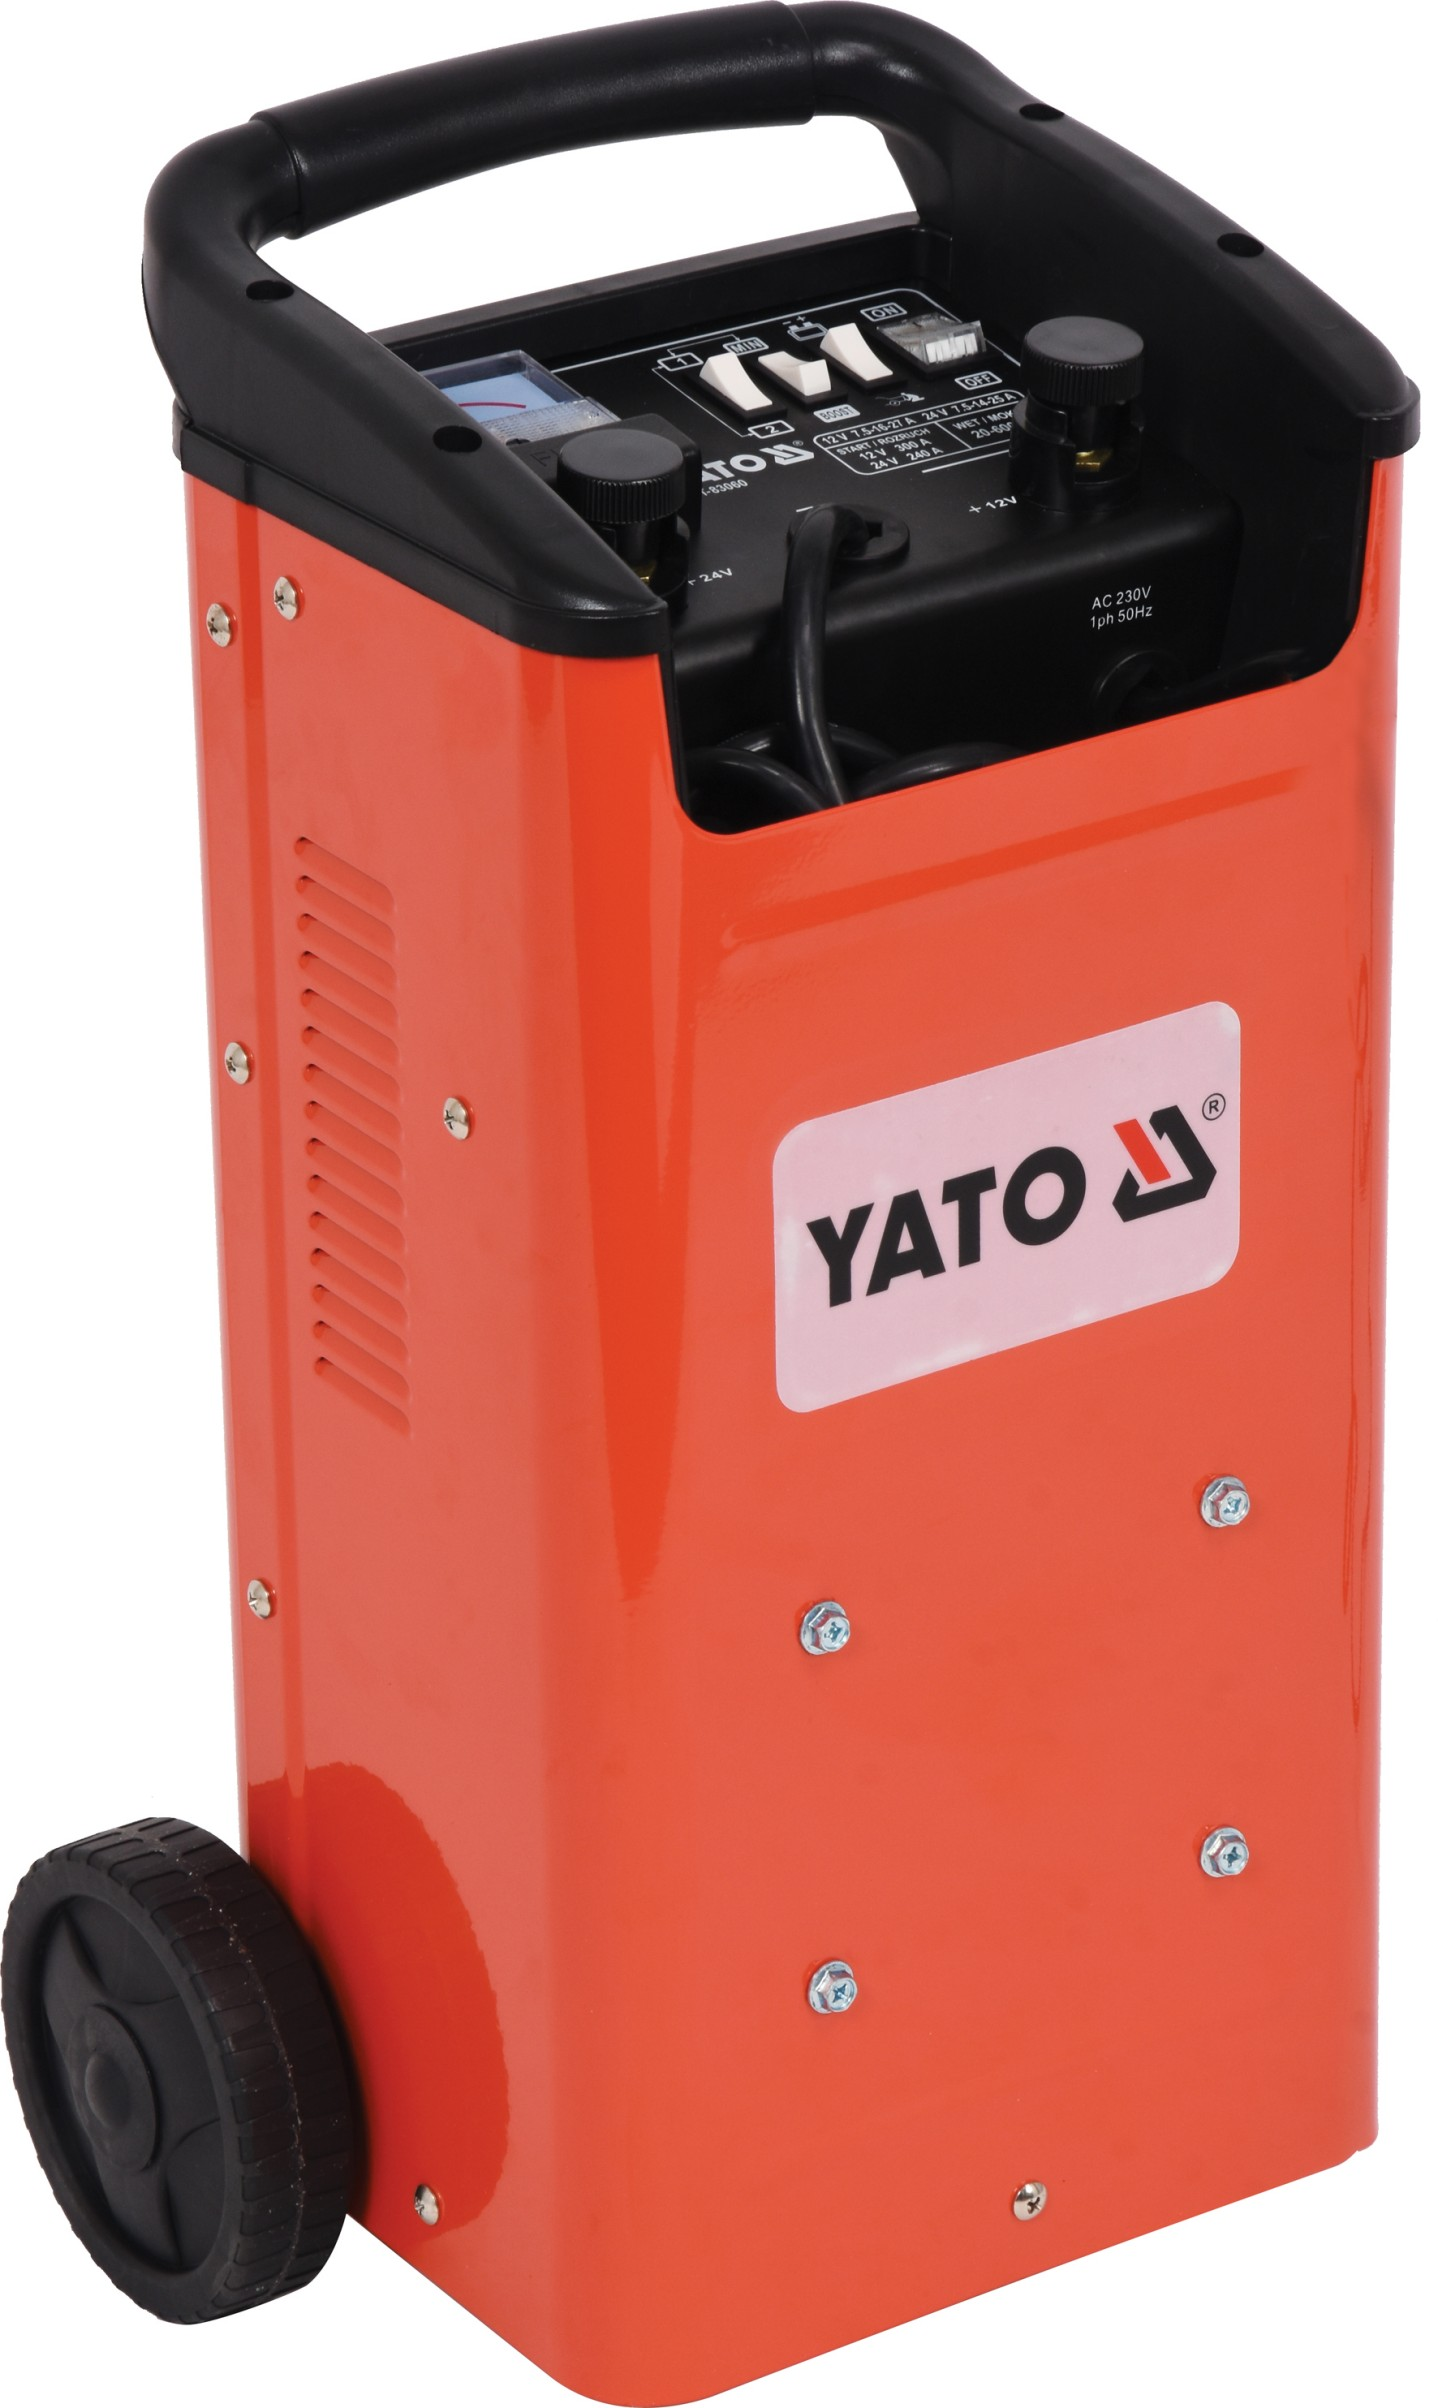 Nabíječka s funkcí startovací stanice 12V-300A / 24V-240A